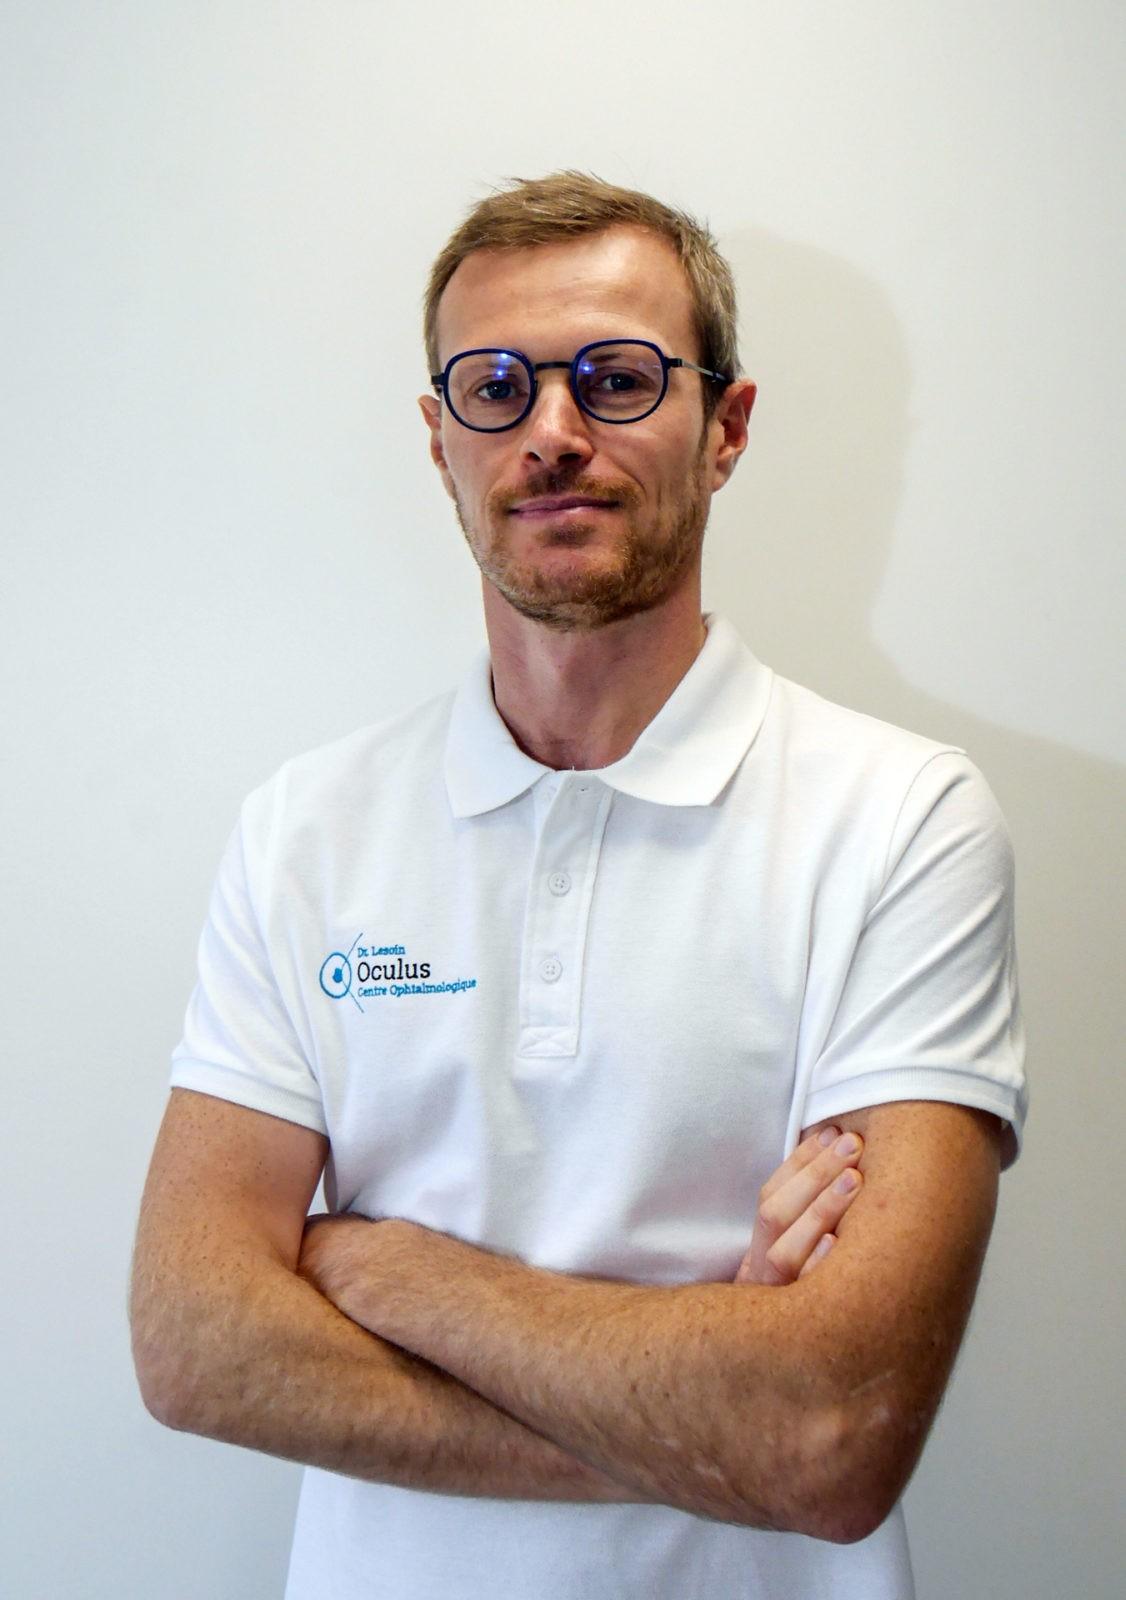 portrait de médecin photo au Centre Oculus de Chambéry